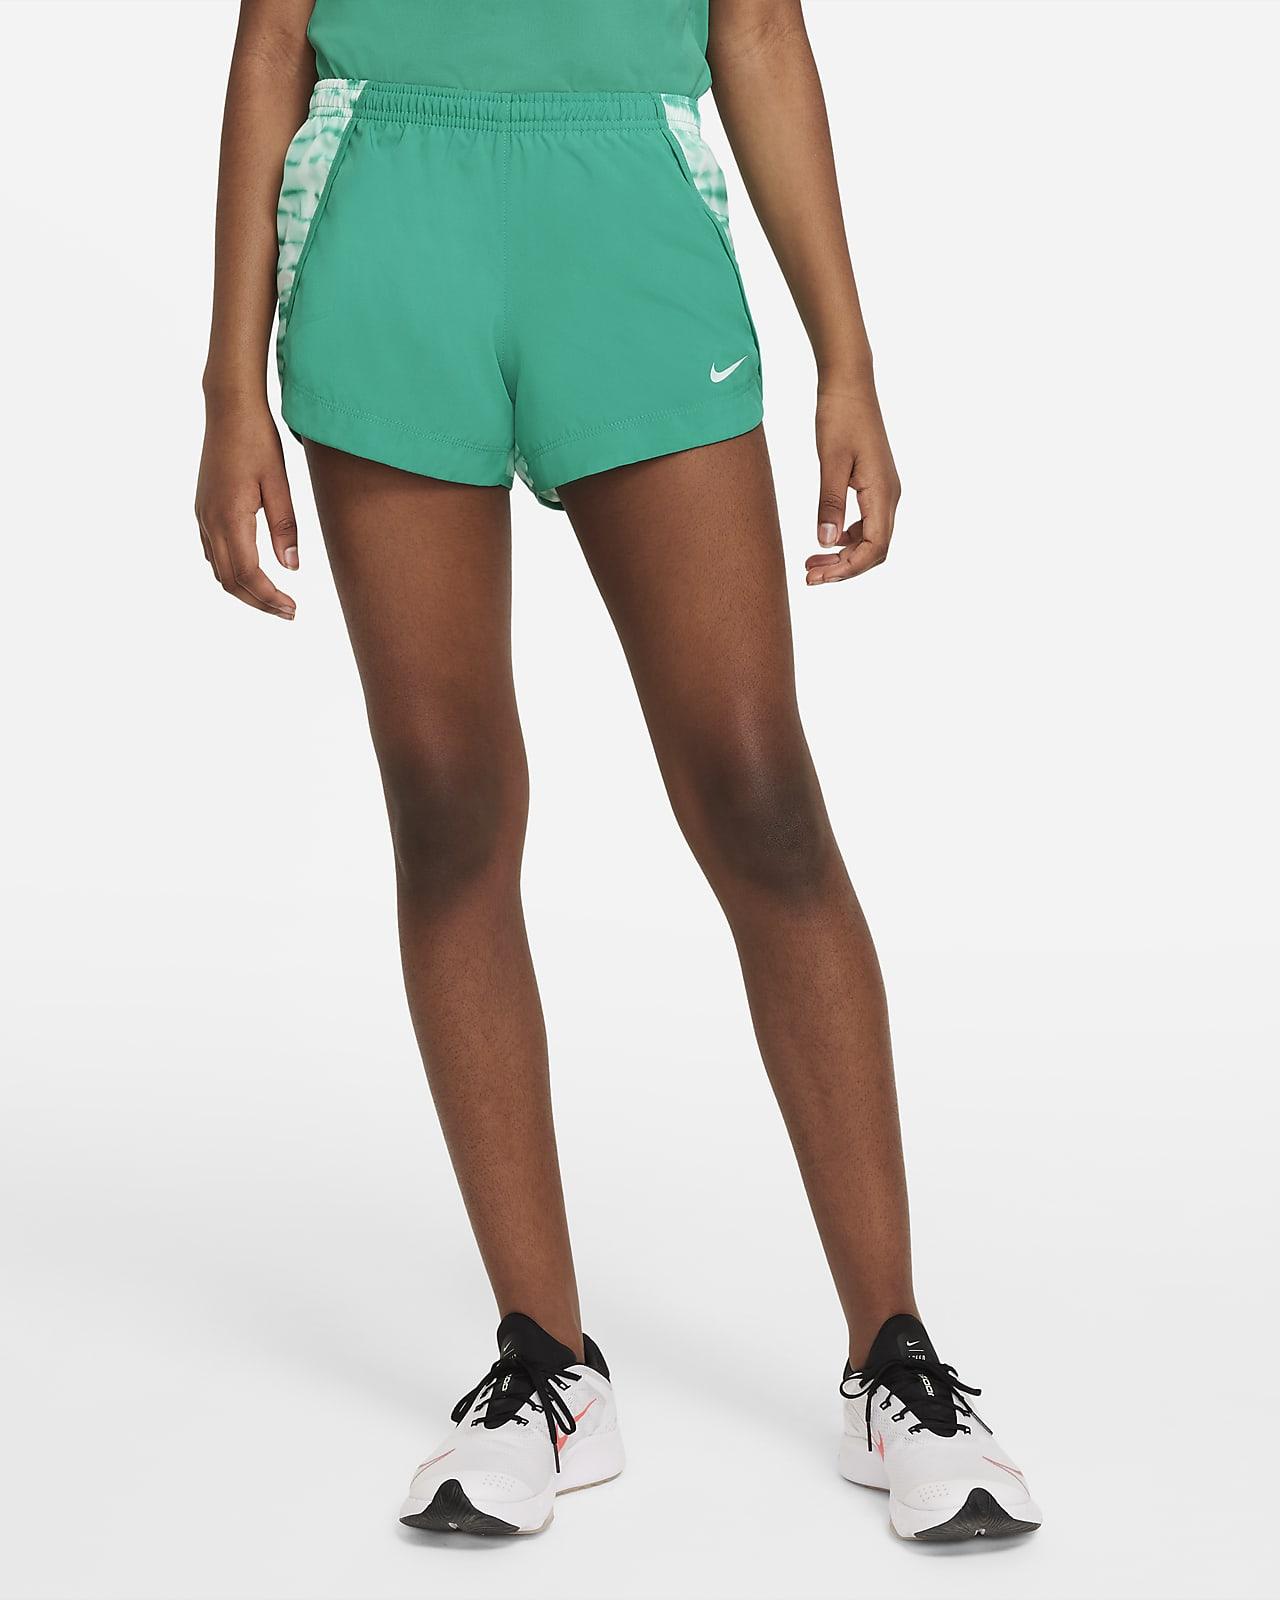 Löparshorts med tryck Nike Dri-FIT Sprinter för tjejer